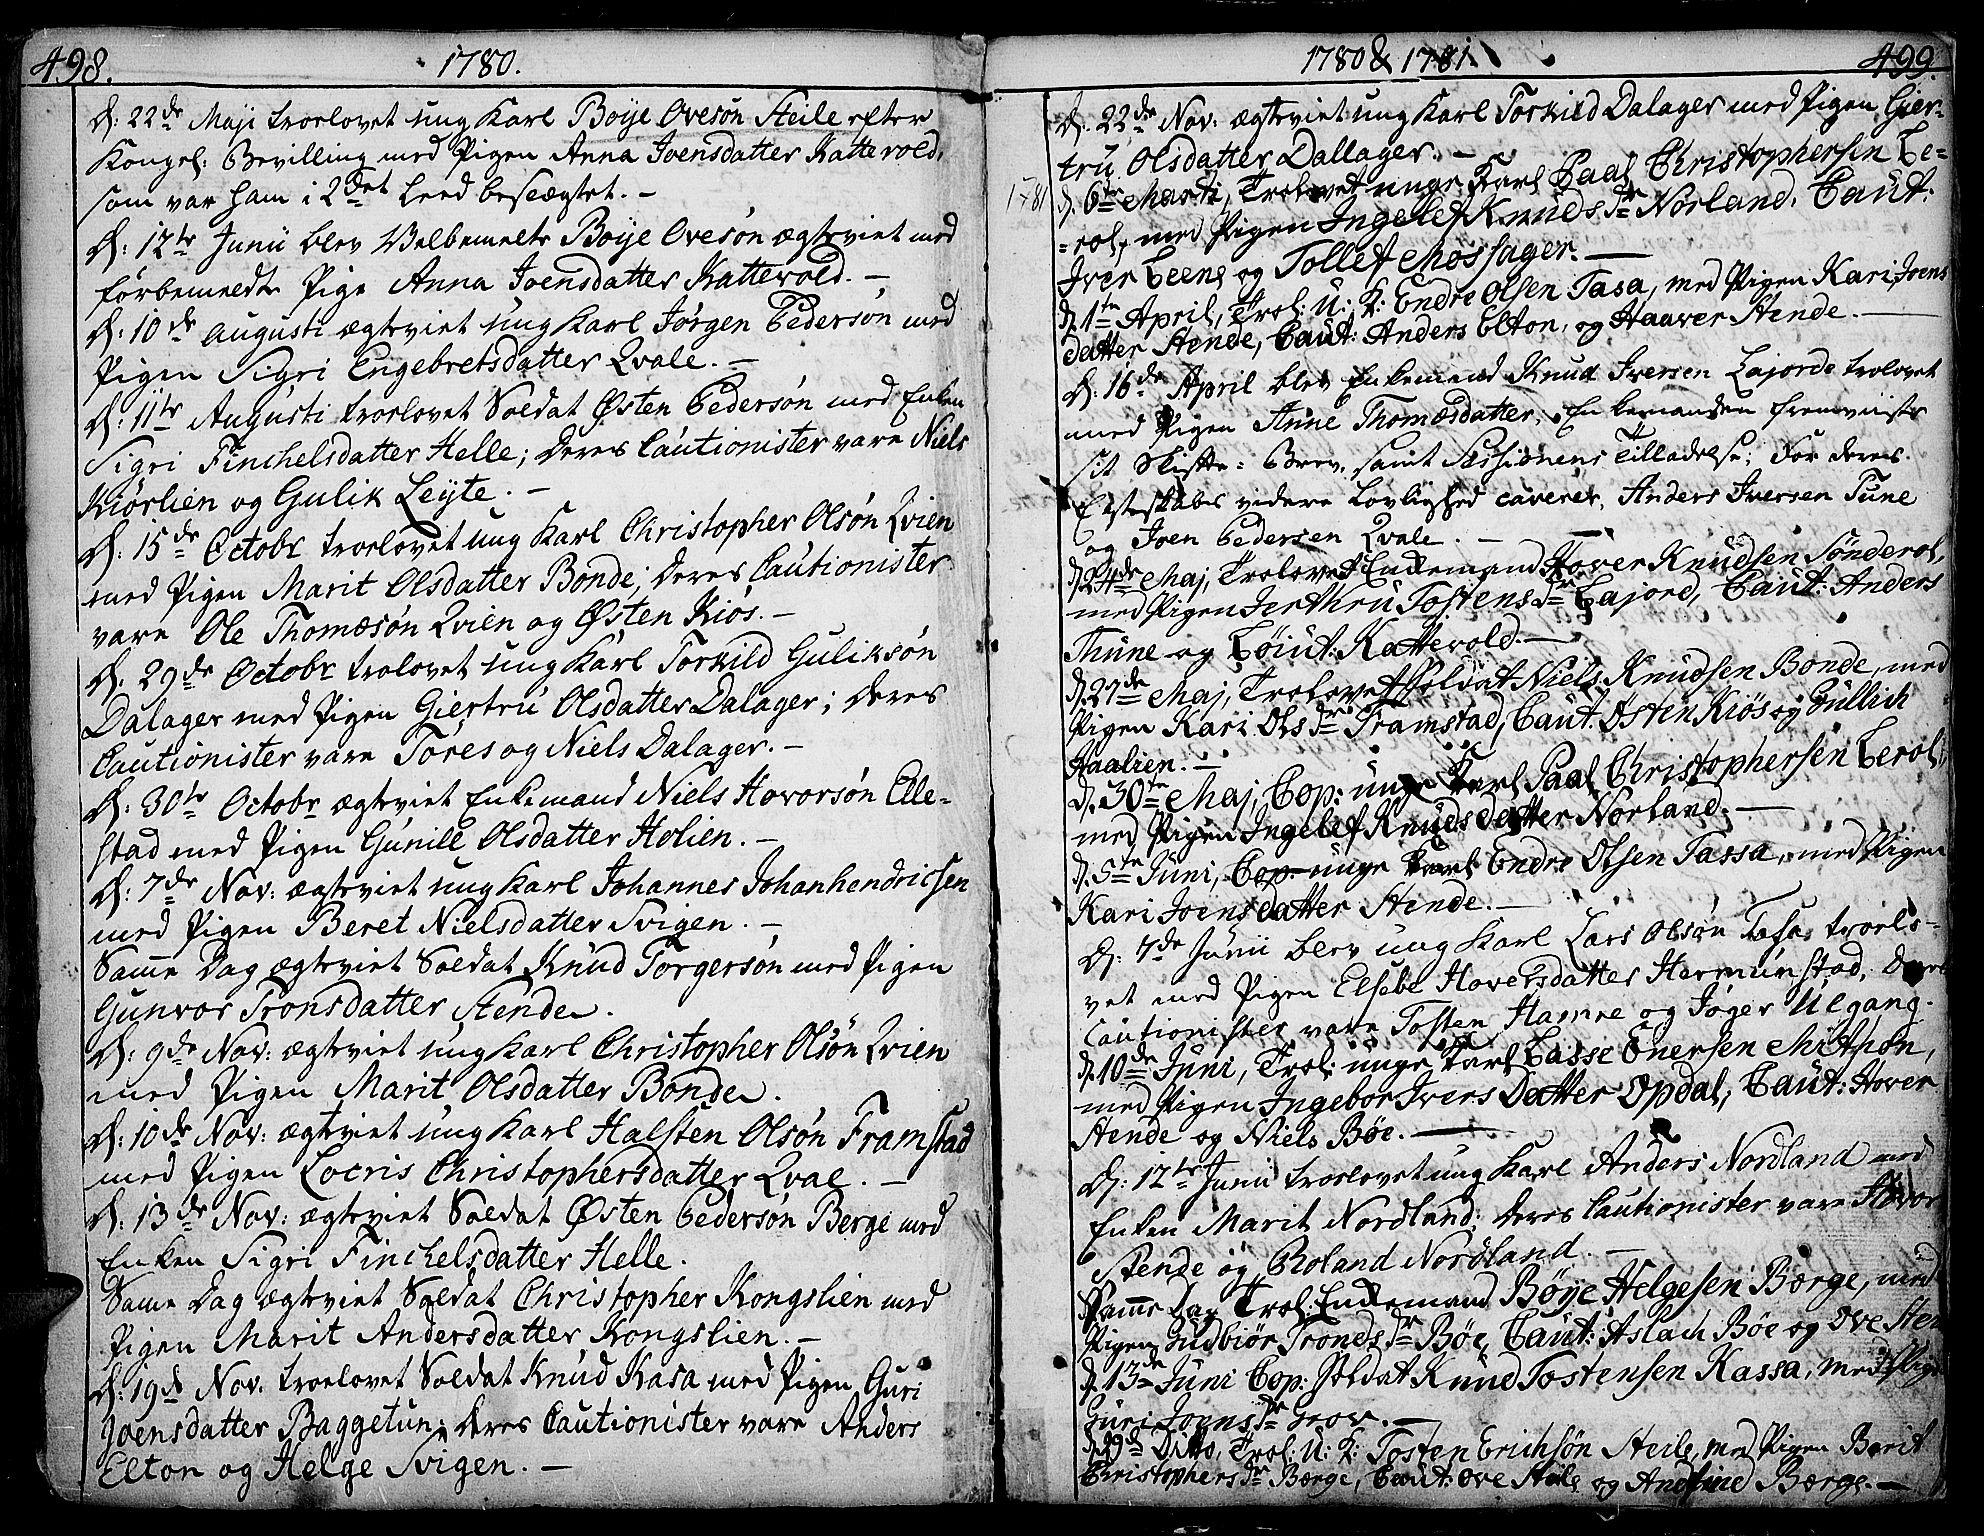 SAH, Vang prestekontor, Valdres, Ministerialbok nr. 1, 1730-1796, s. 498-499